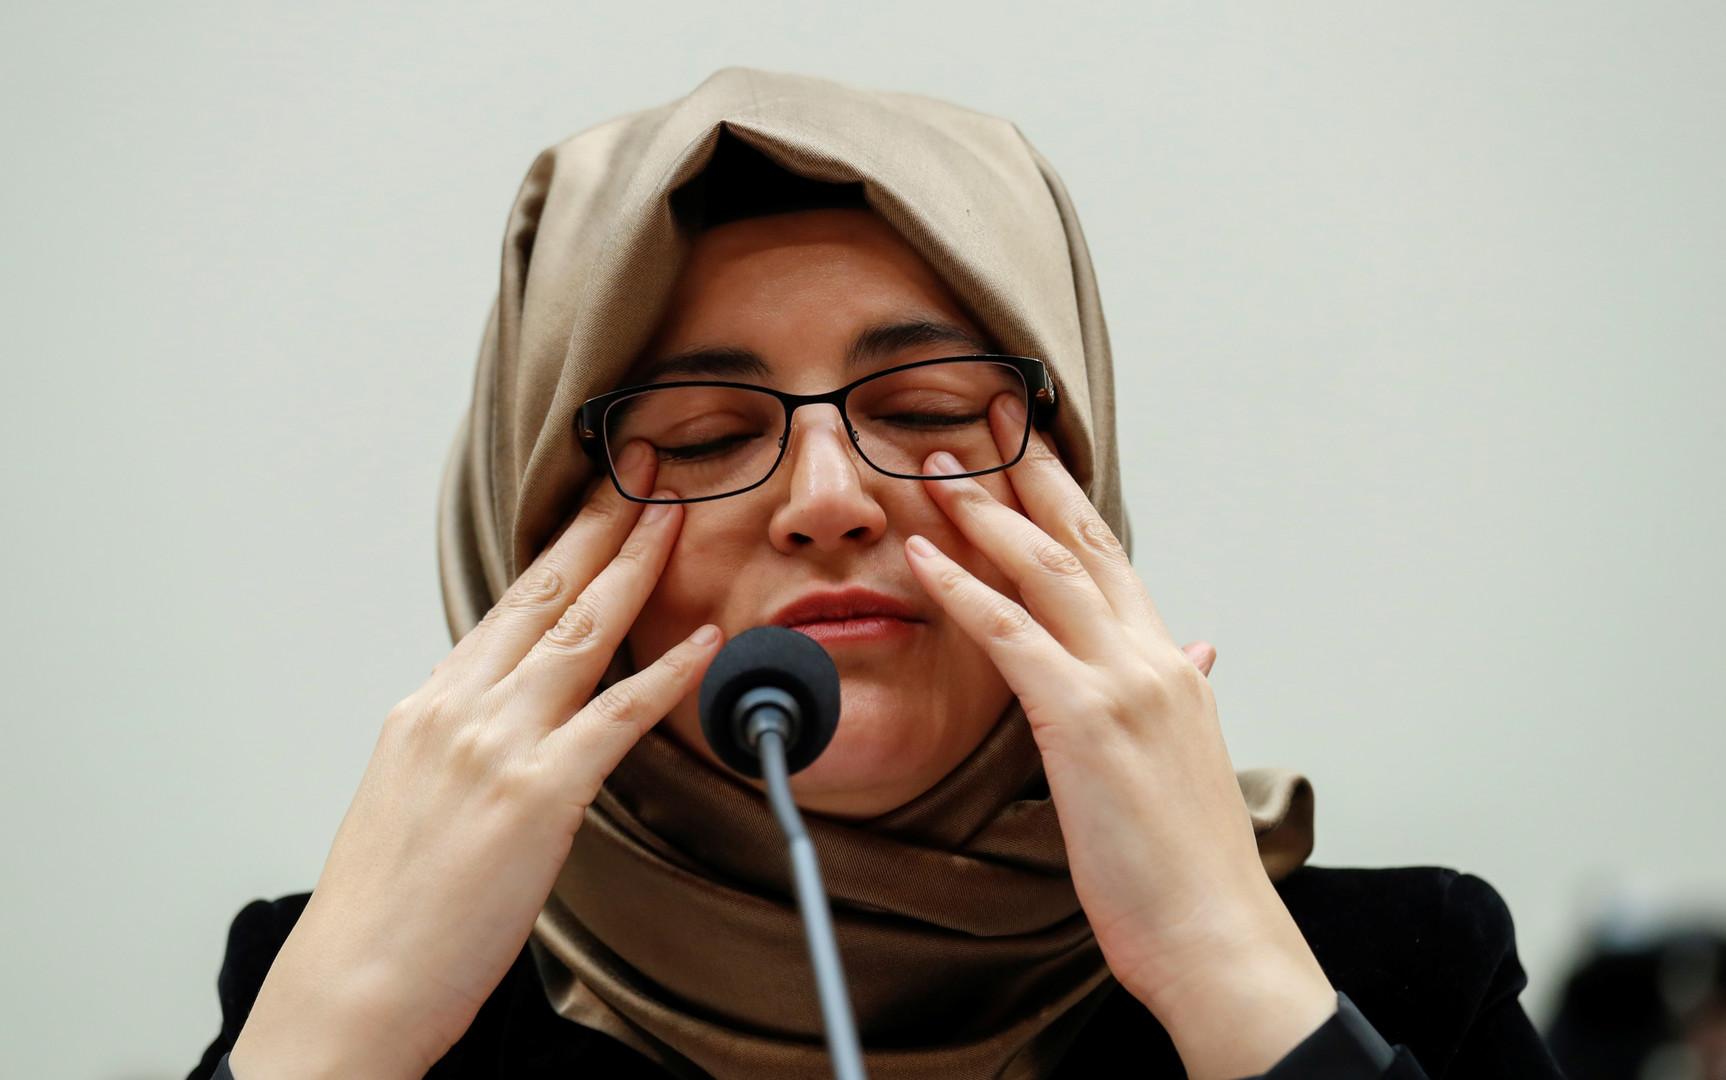 خطيبة خاشقجي تطالب أمام مجلس النواب الأمريكي بفرض عقوبات على السعودية!